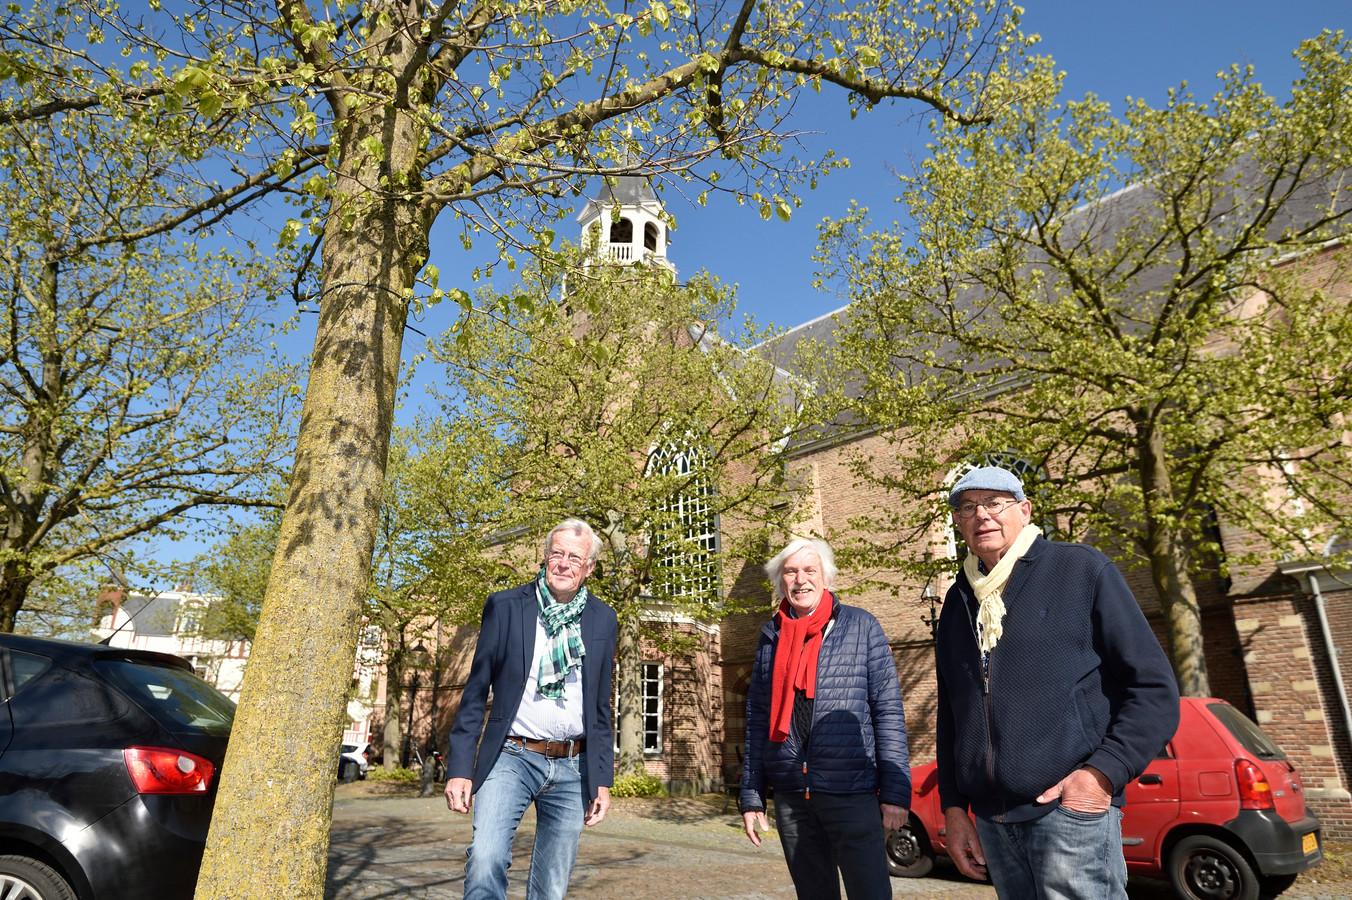 Foto Pim Mul 28042021 Bodegraven..Han Koevoets ( gele sjaal ), Leendert Spijker en  Sietse Bonnema ( rode sjaal )